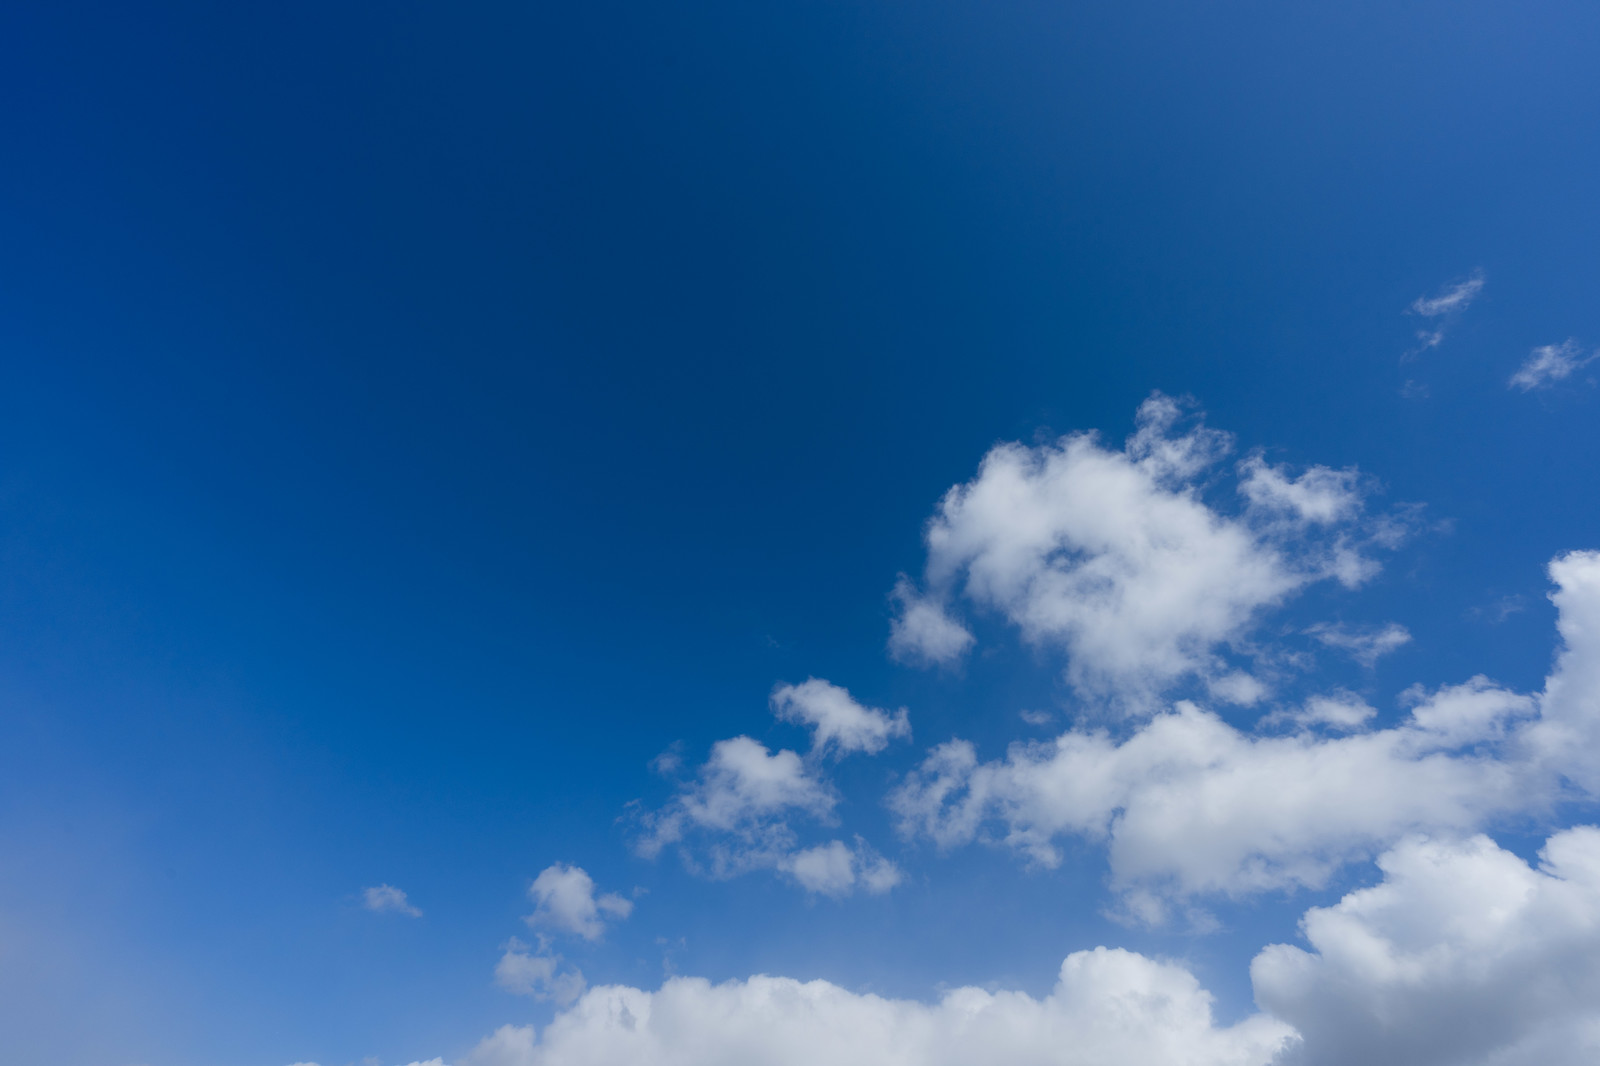 「青空に雲青空に雲」のフリー写真素材を拡大